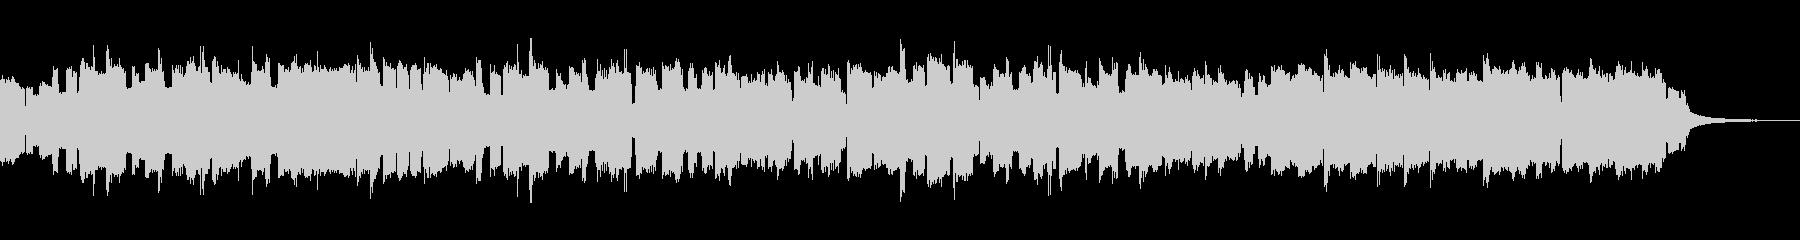 ファミコン風のピコピコBGMの未再生の波形